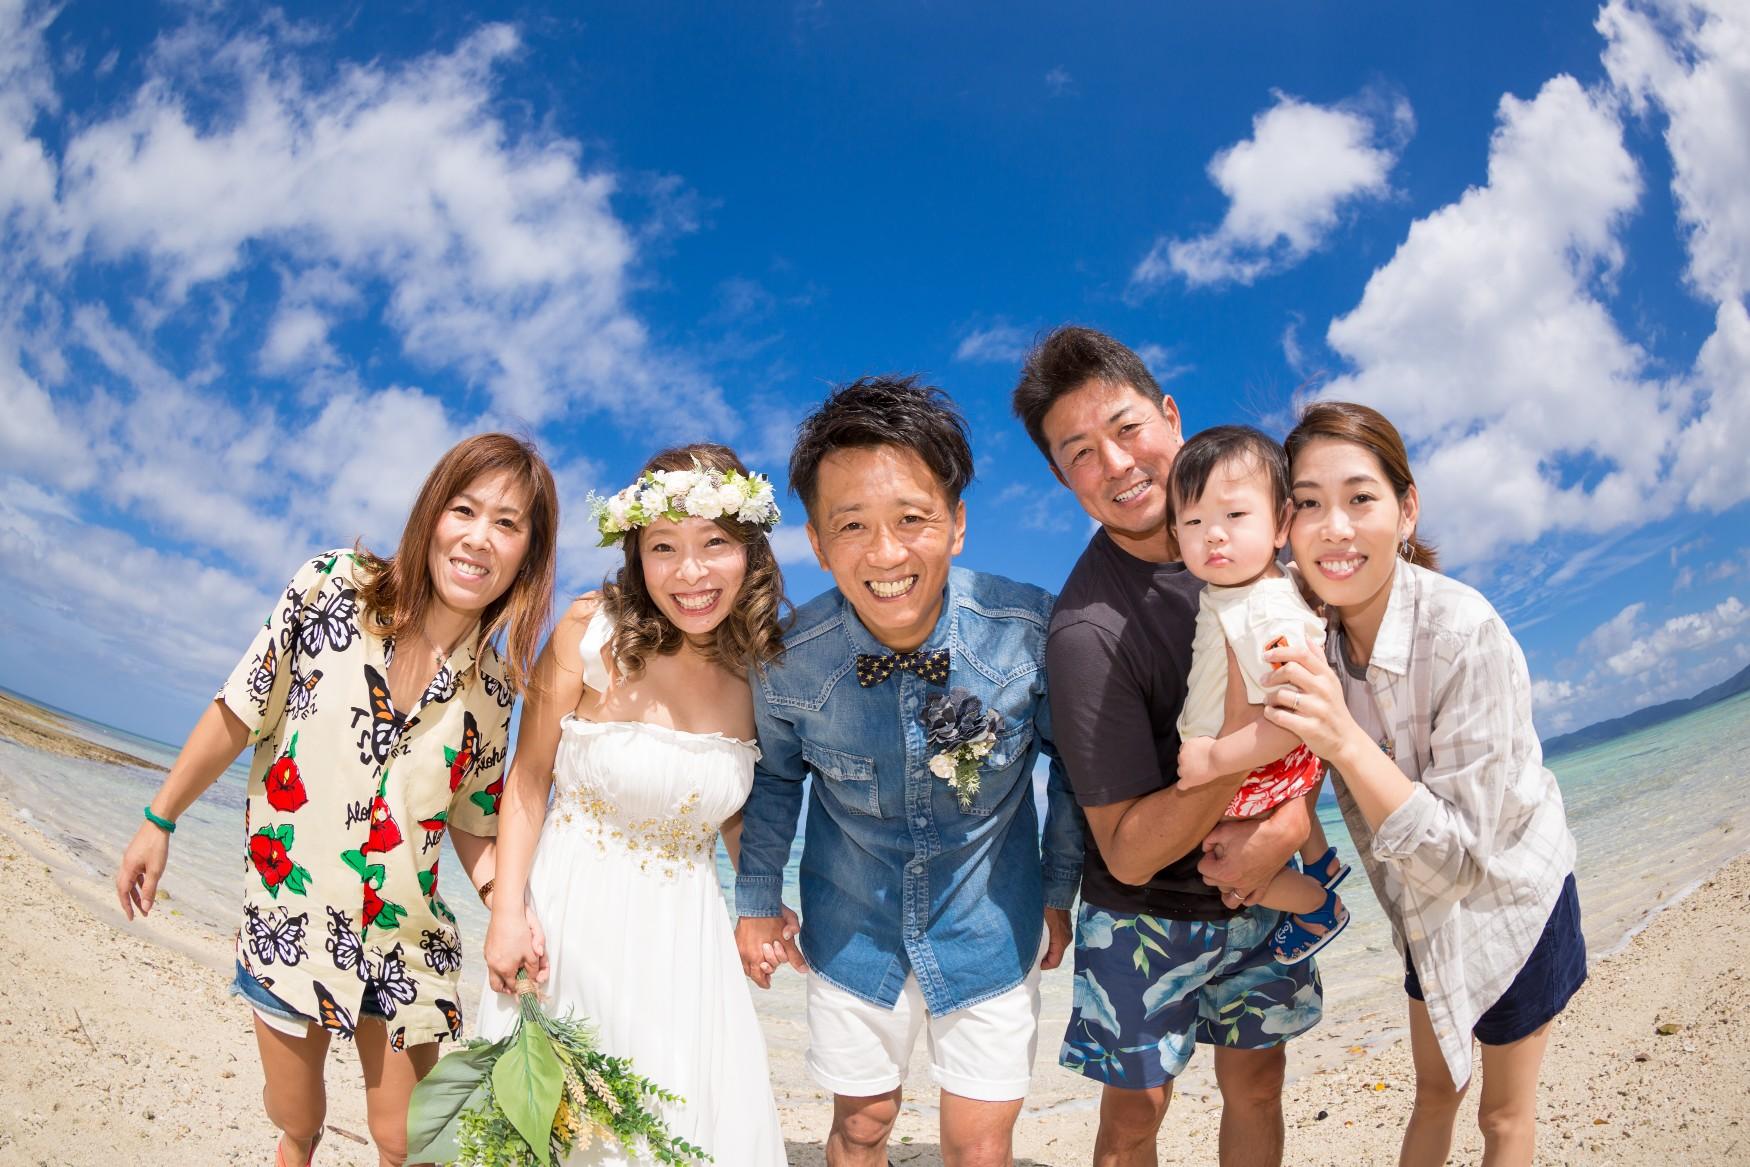 石垣島フォトウェディング 新プラン発表キャンペーン